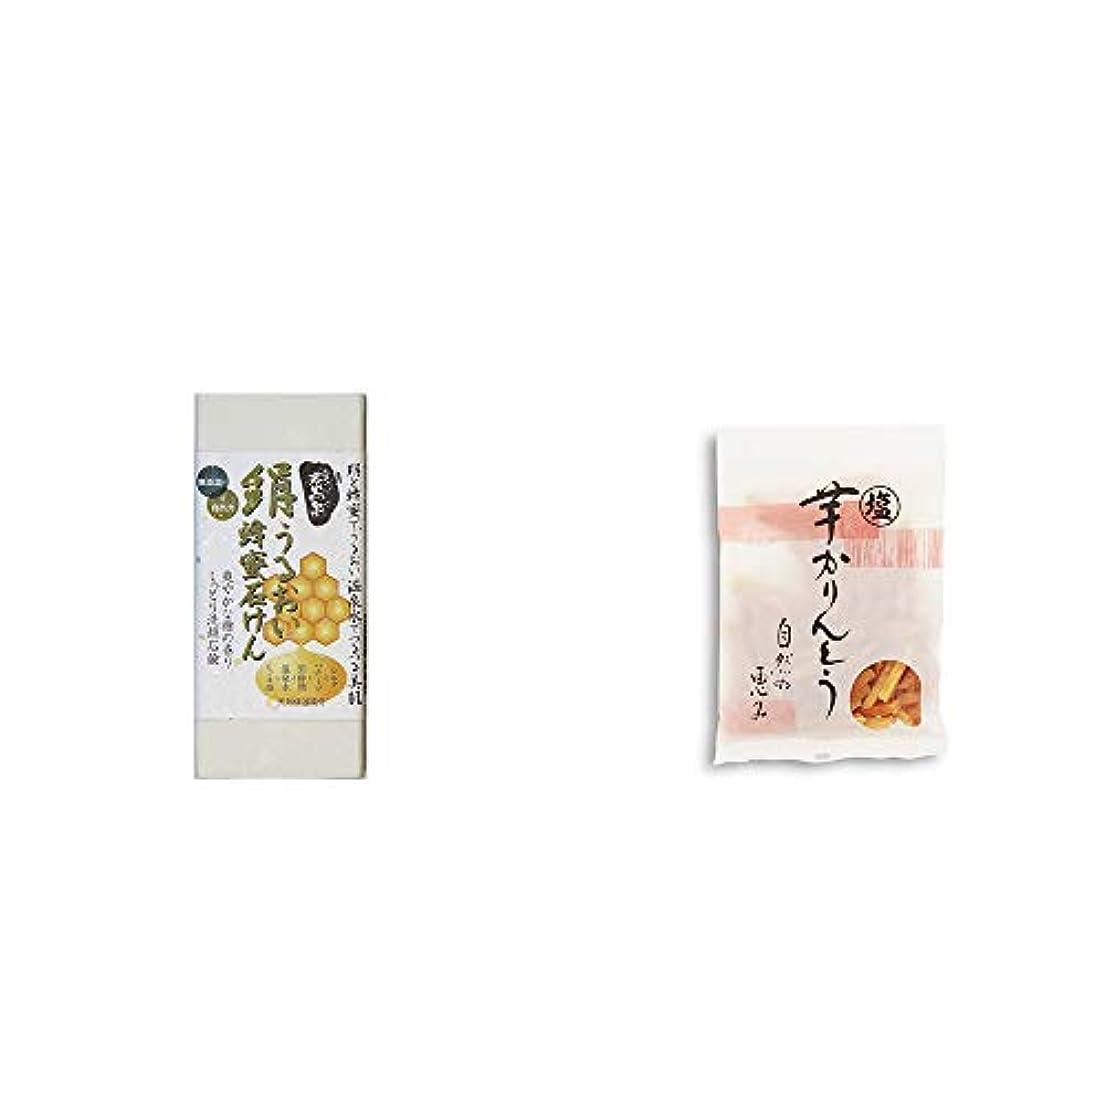 ジャーナル愛するお互い[2点セット] ひのき炭黒泉 絹うるおい蜂蜜石けん(75g×2)?塩芋かりんとう(150g)